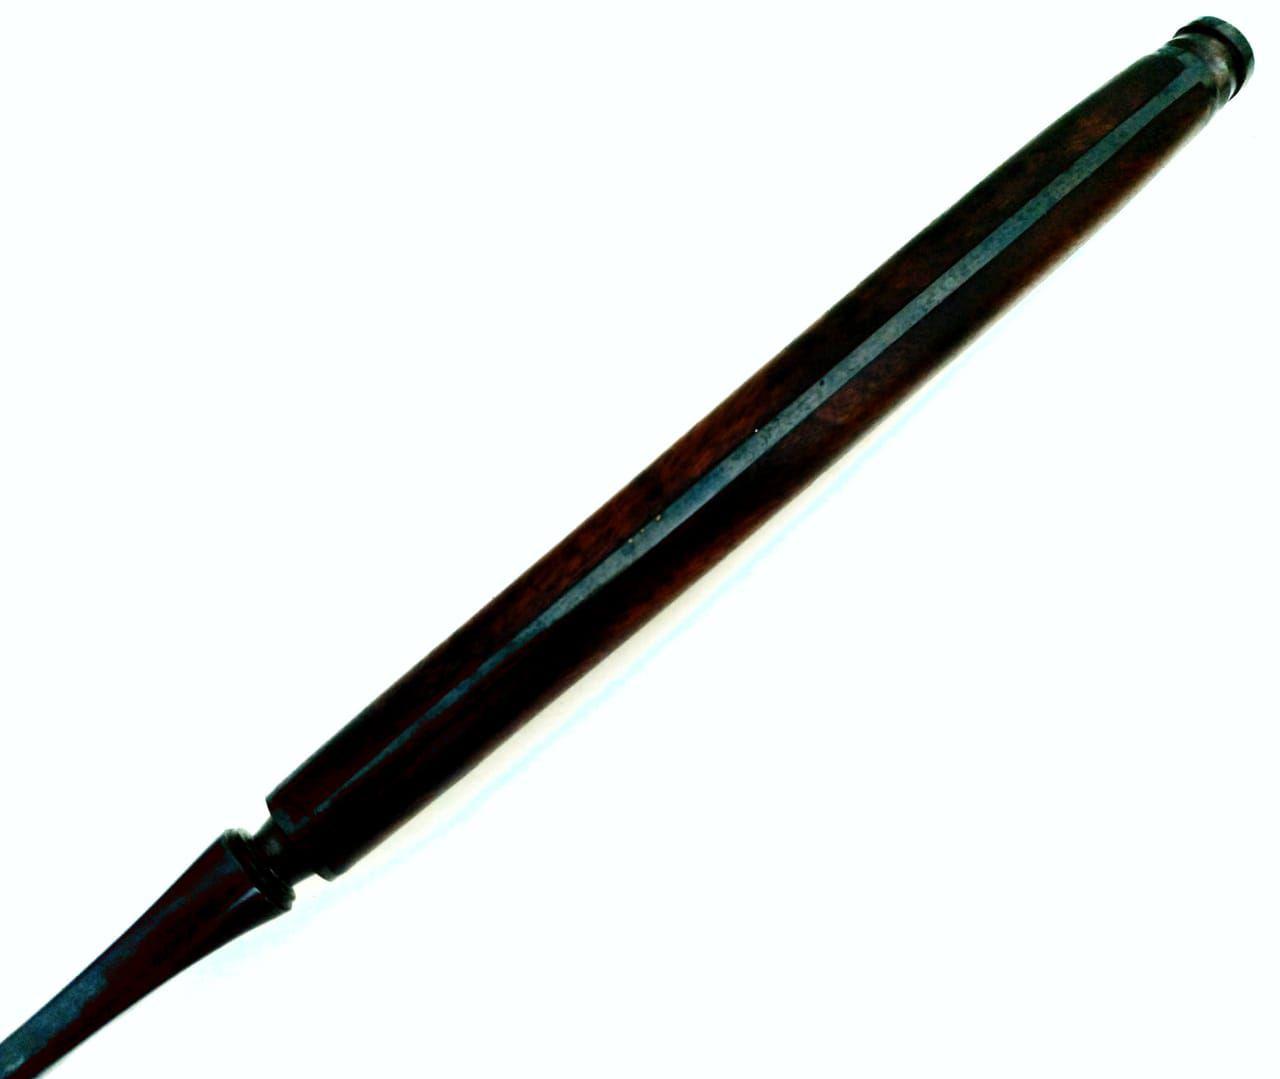 Garfo de churrascada forjado artesanal aço carbono 16 polegadas